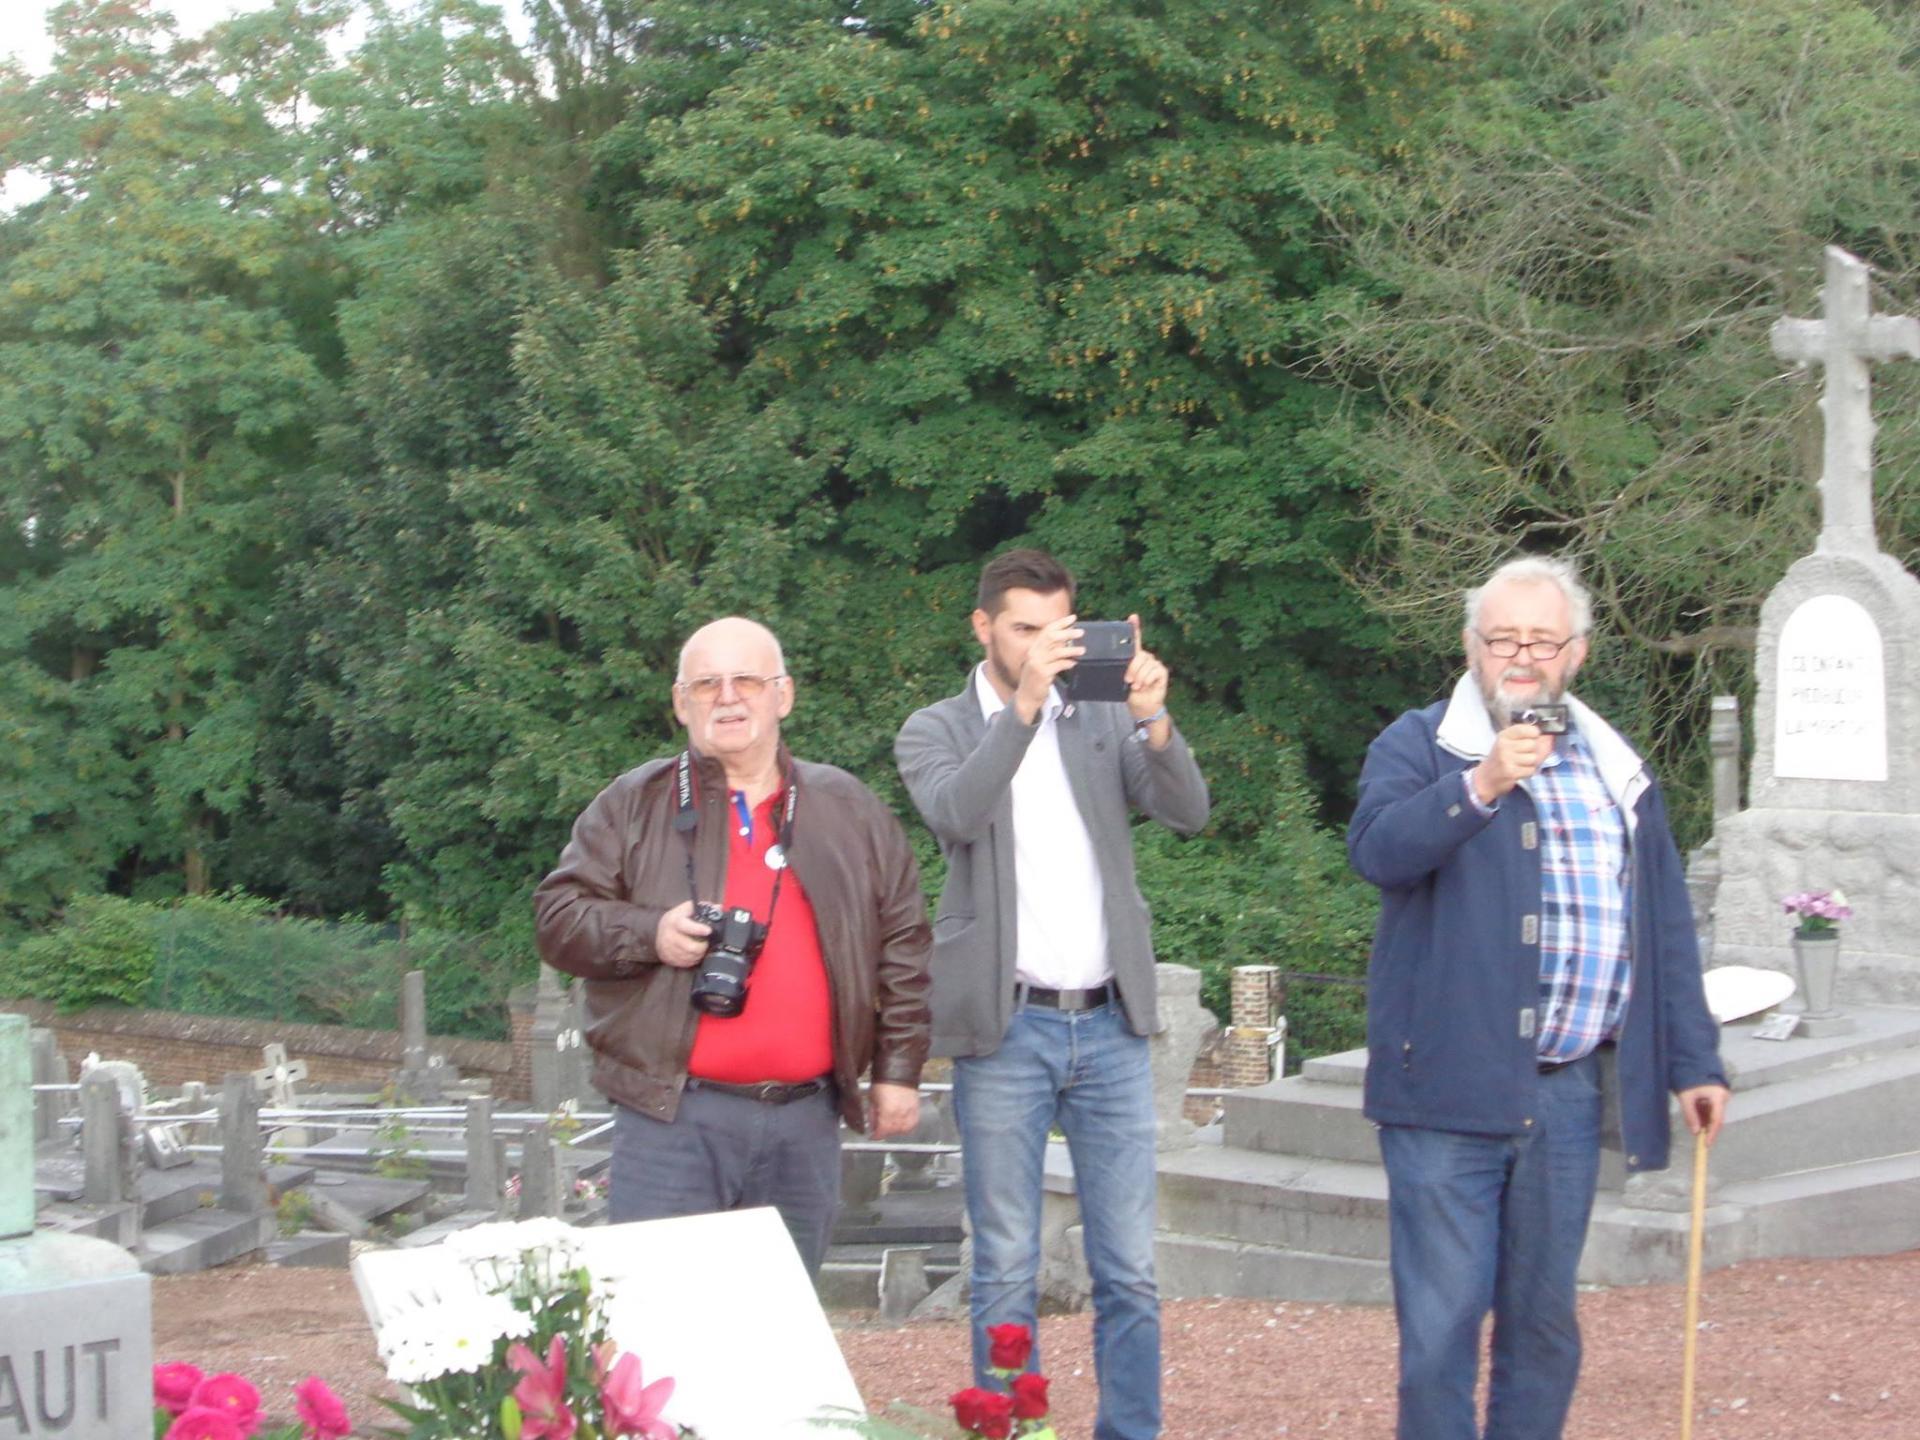 10 août 2015 Commémoration Julien Lahaut à Seraing